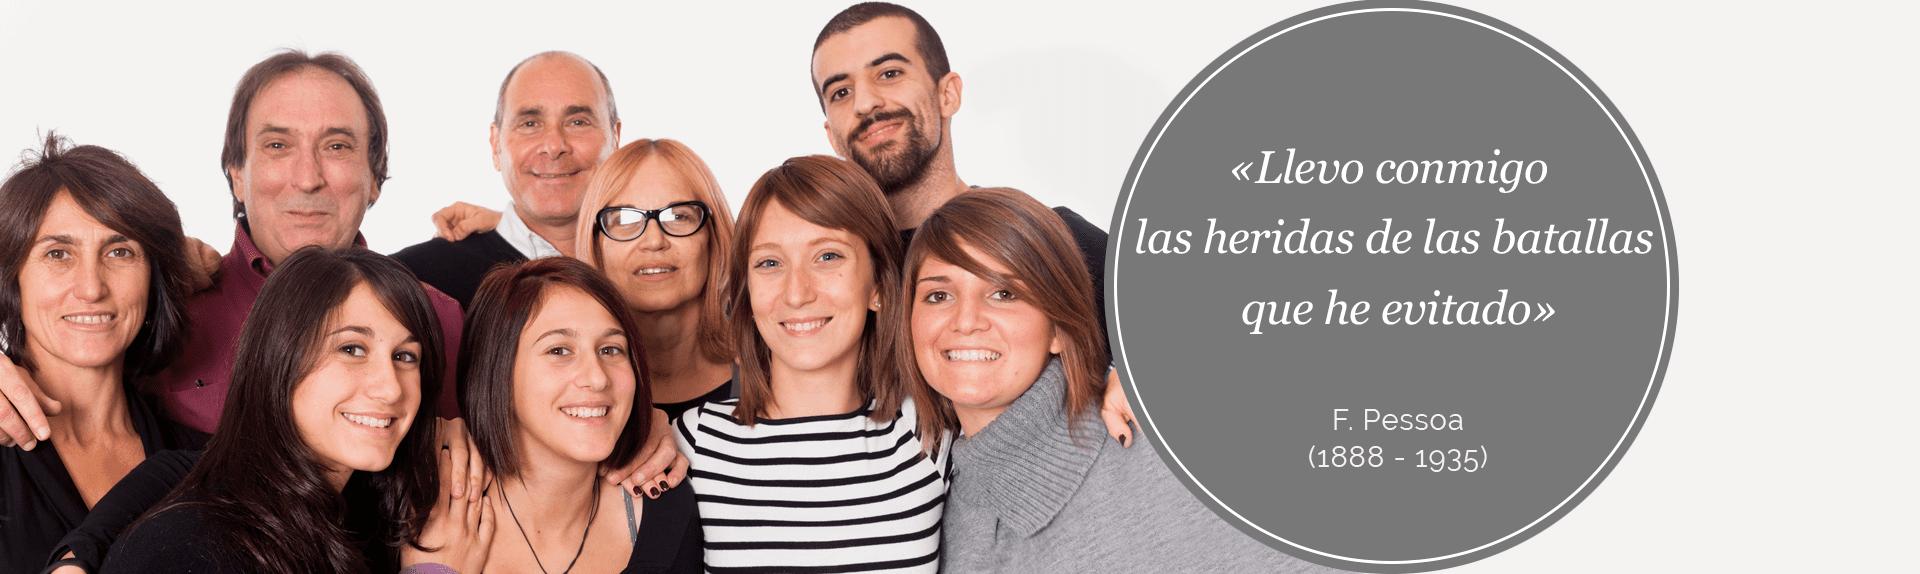 Atención a Familias - Psicología clínica y psicoterapia Clínica Logos